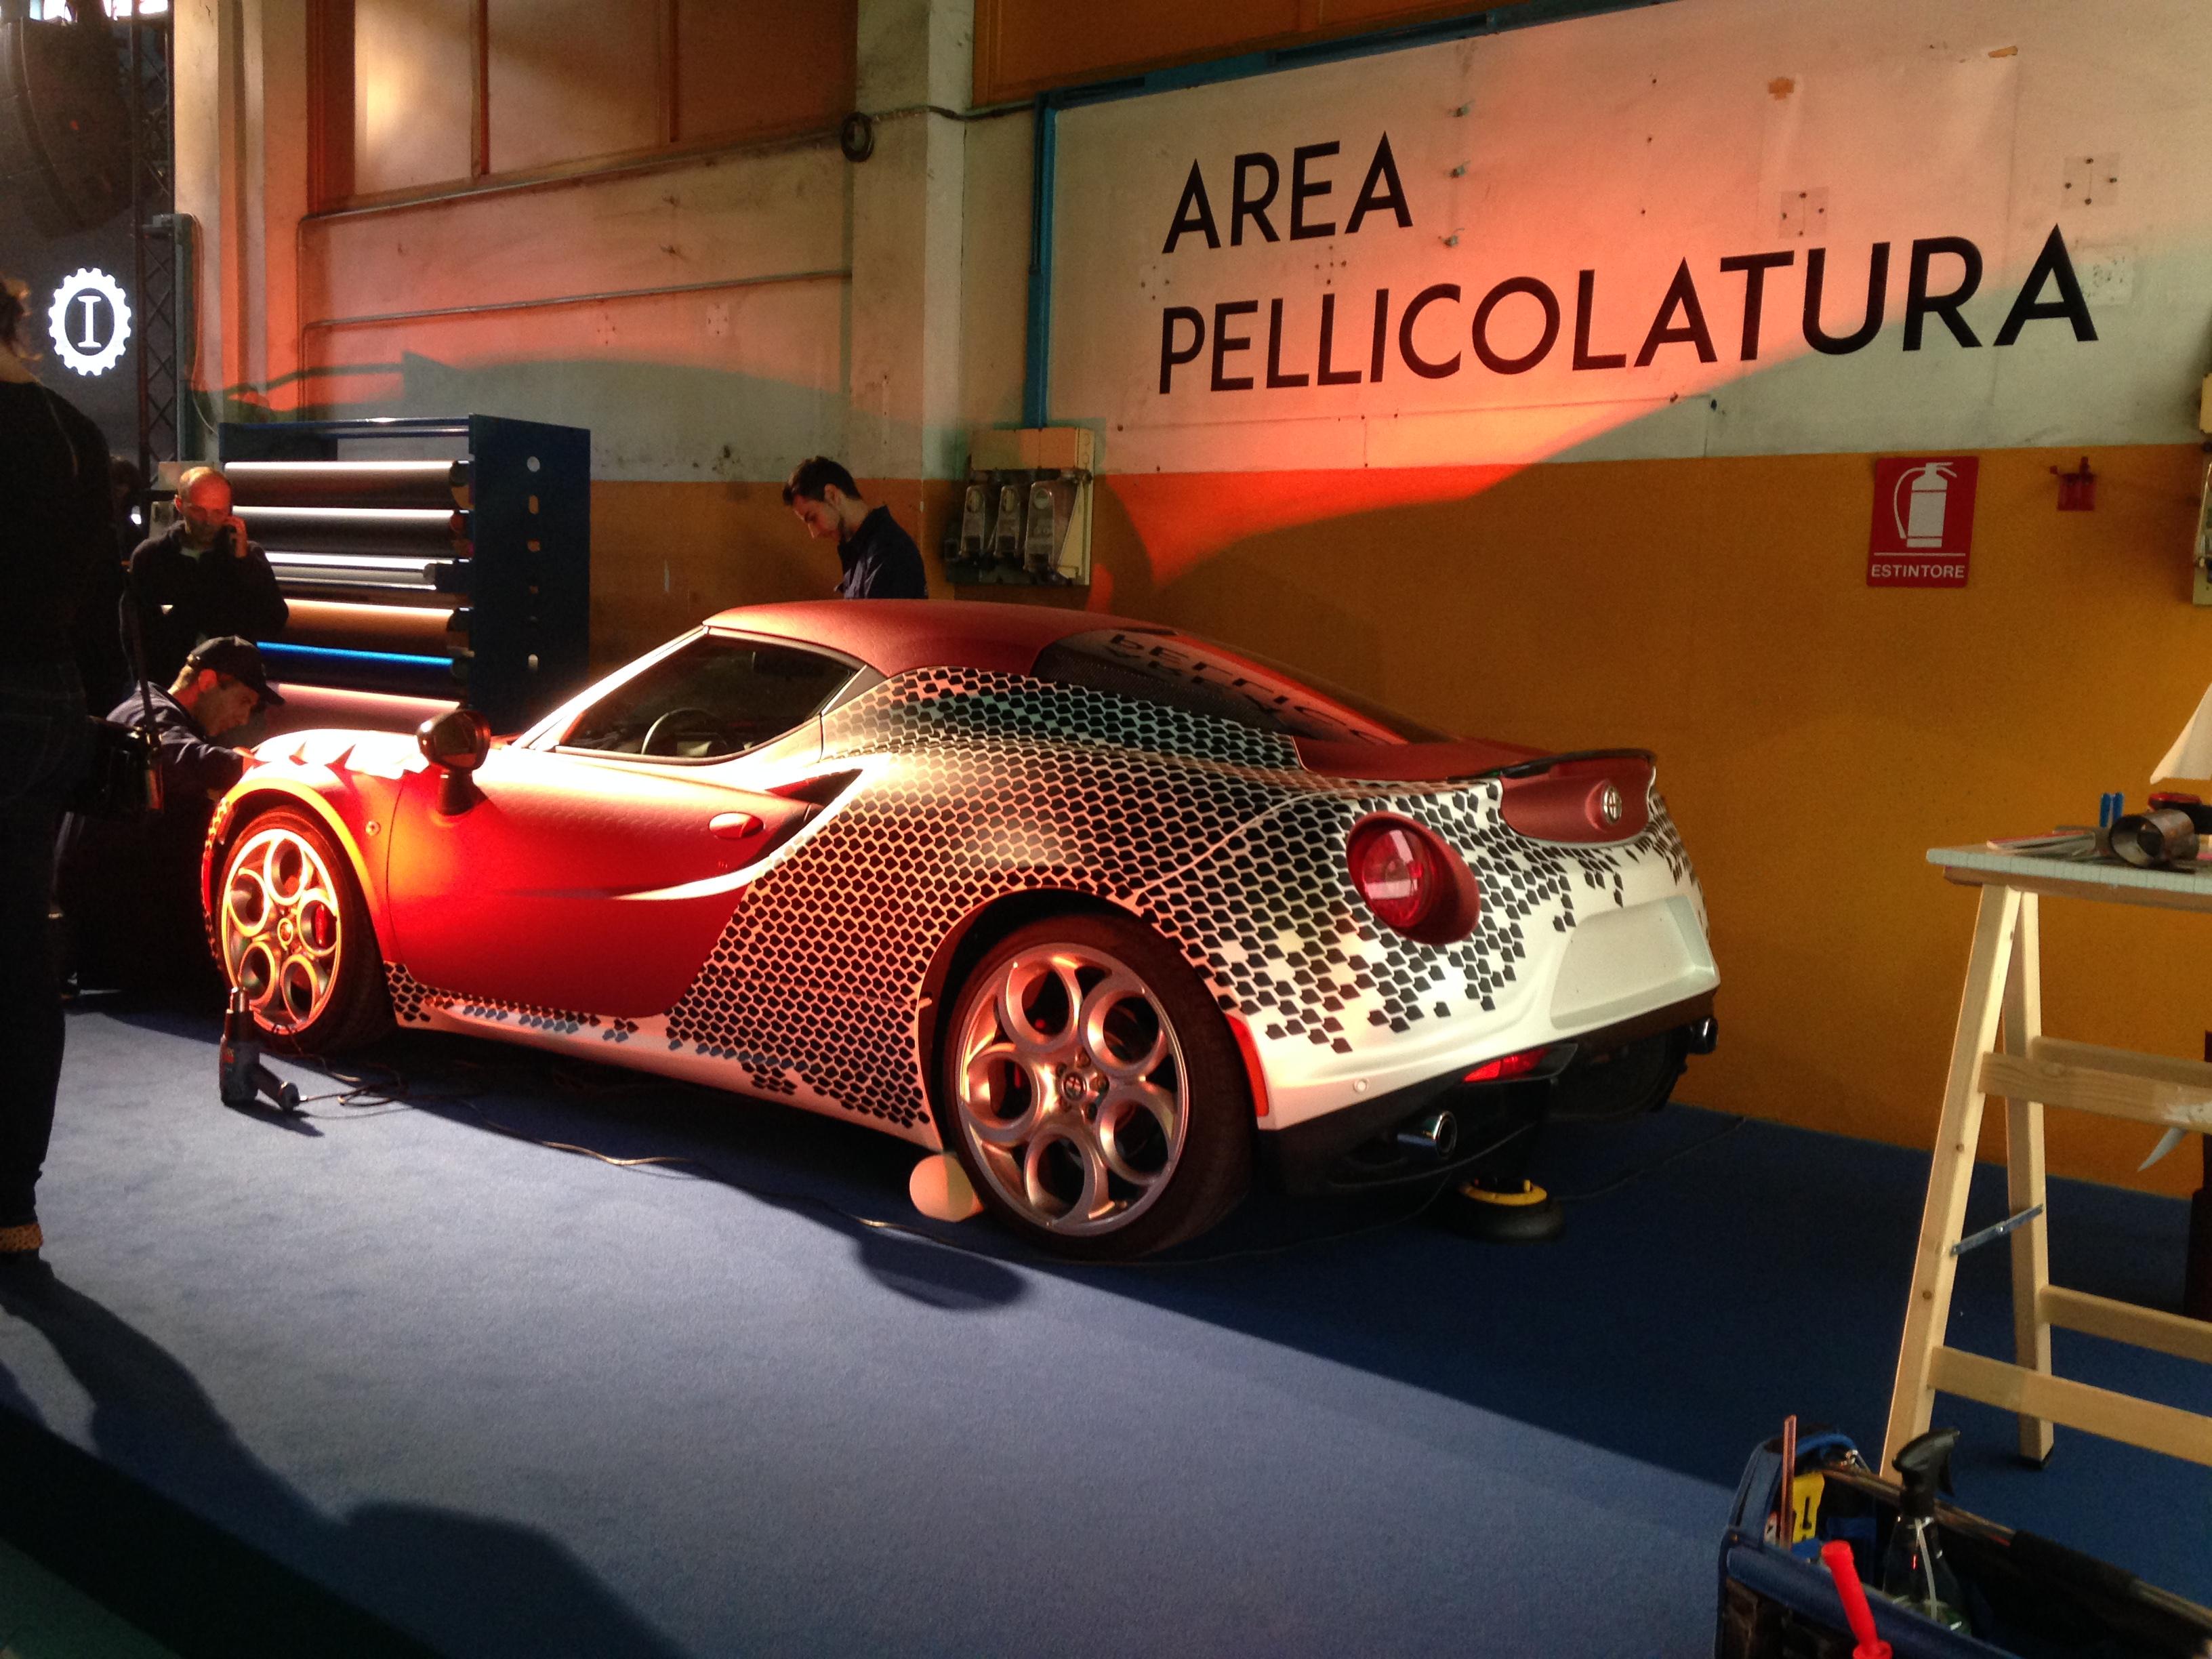 Garage-Italia-Customs-area-pellicolatura